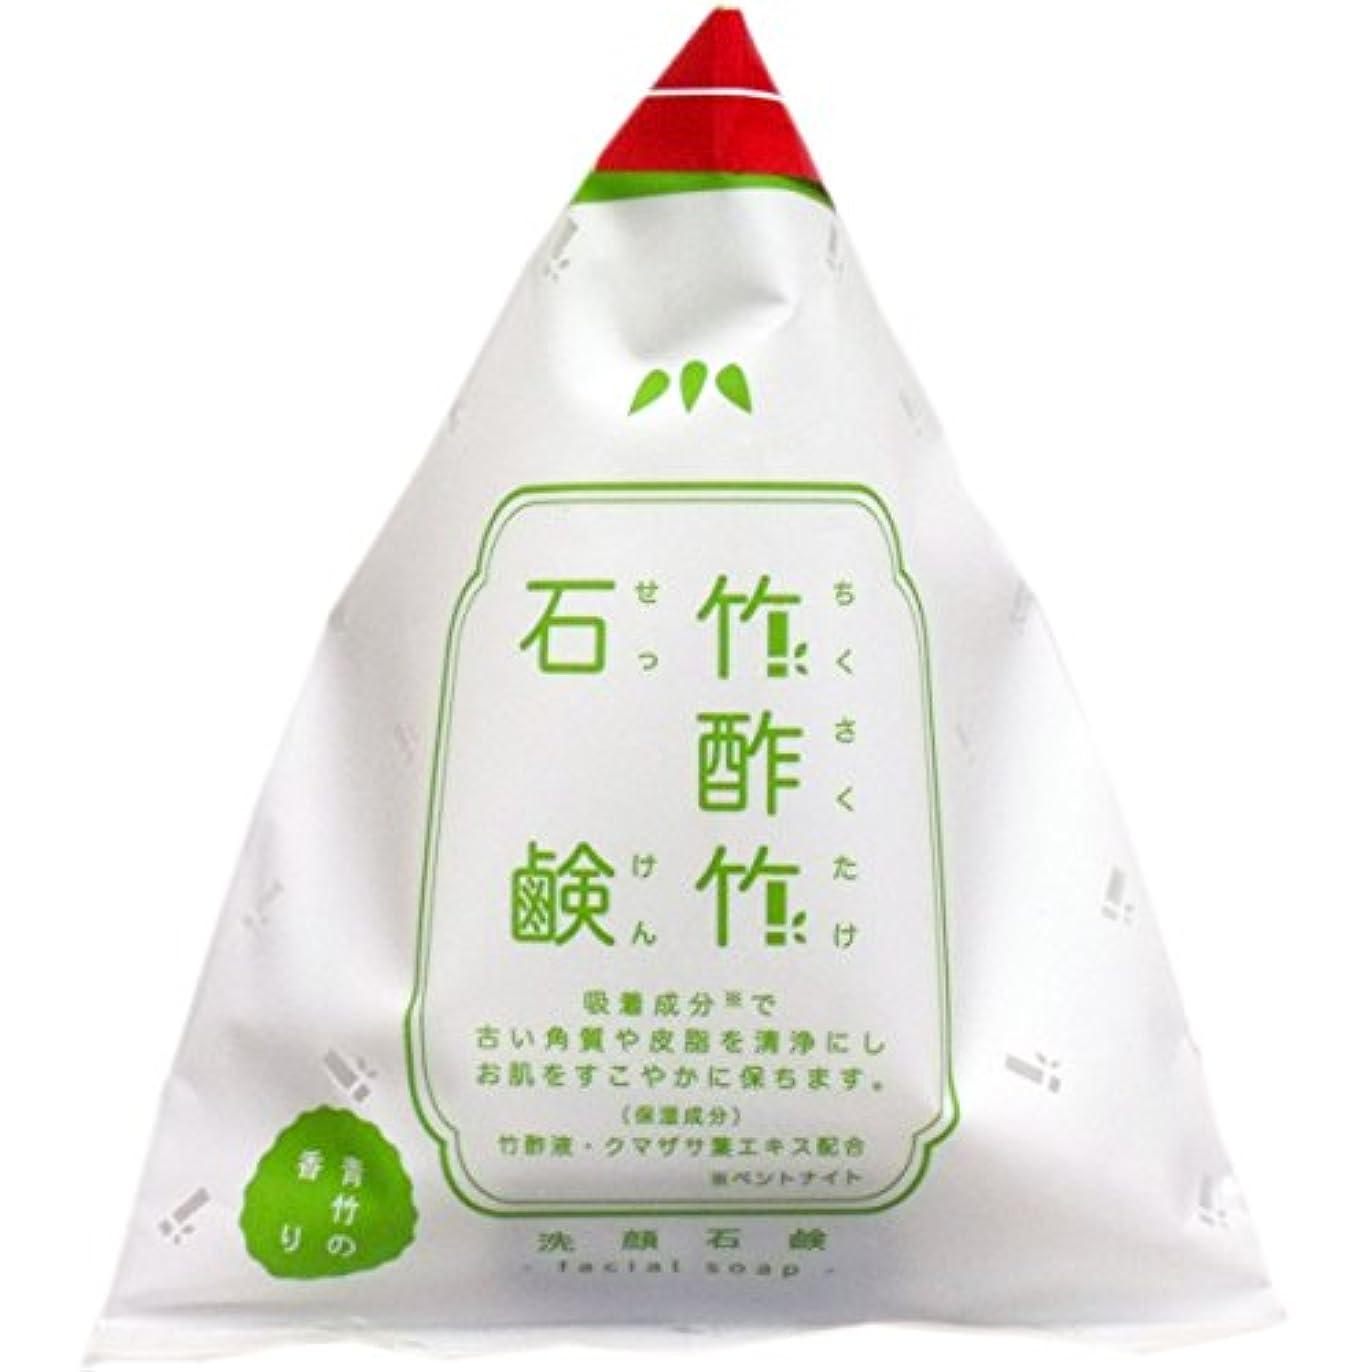 フェニックス 竹酢竹石鹸 (120g)